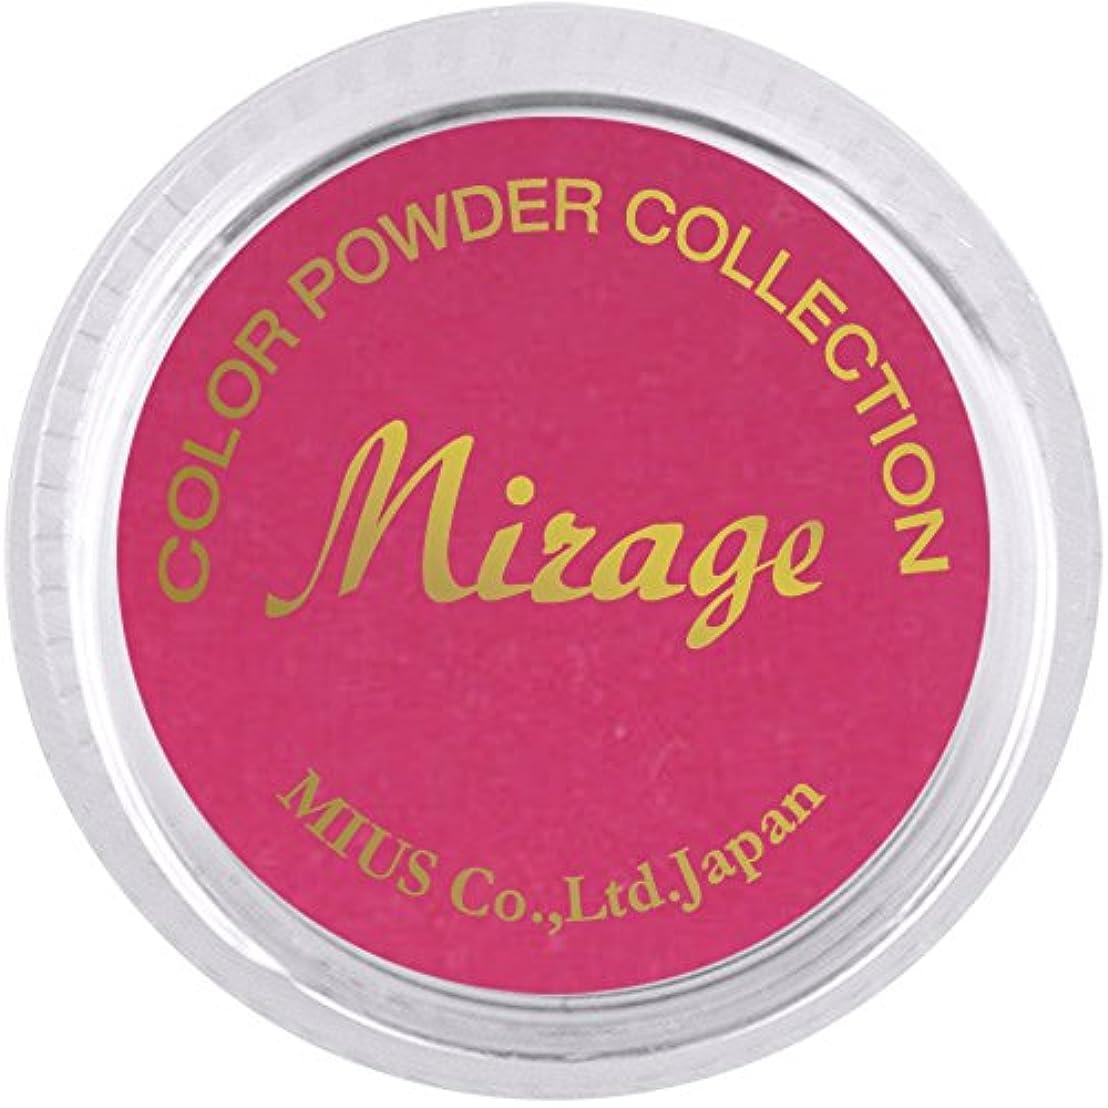 不調和好奇心盛本質的ではないミラージュ カラーパウダー N/WPG-10  7g  アクリルパウダー ピンクのグラデーションカラー